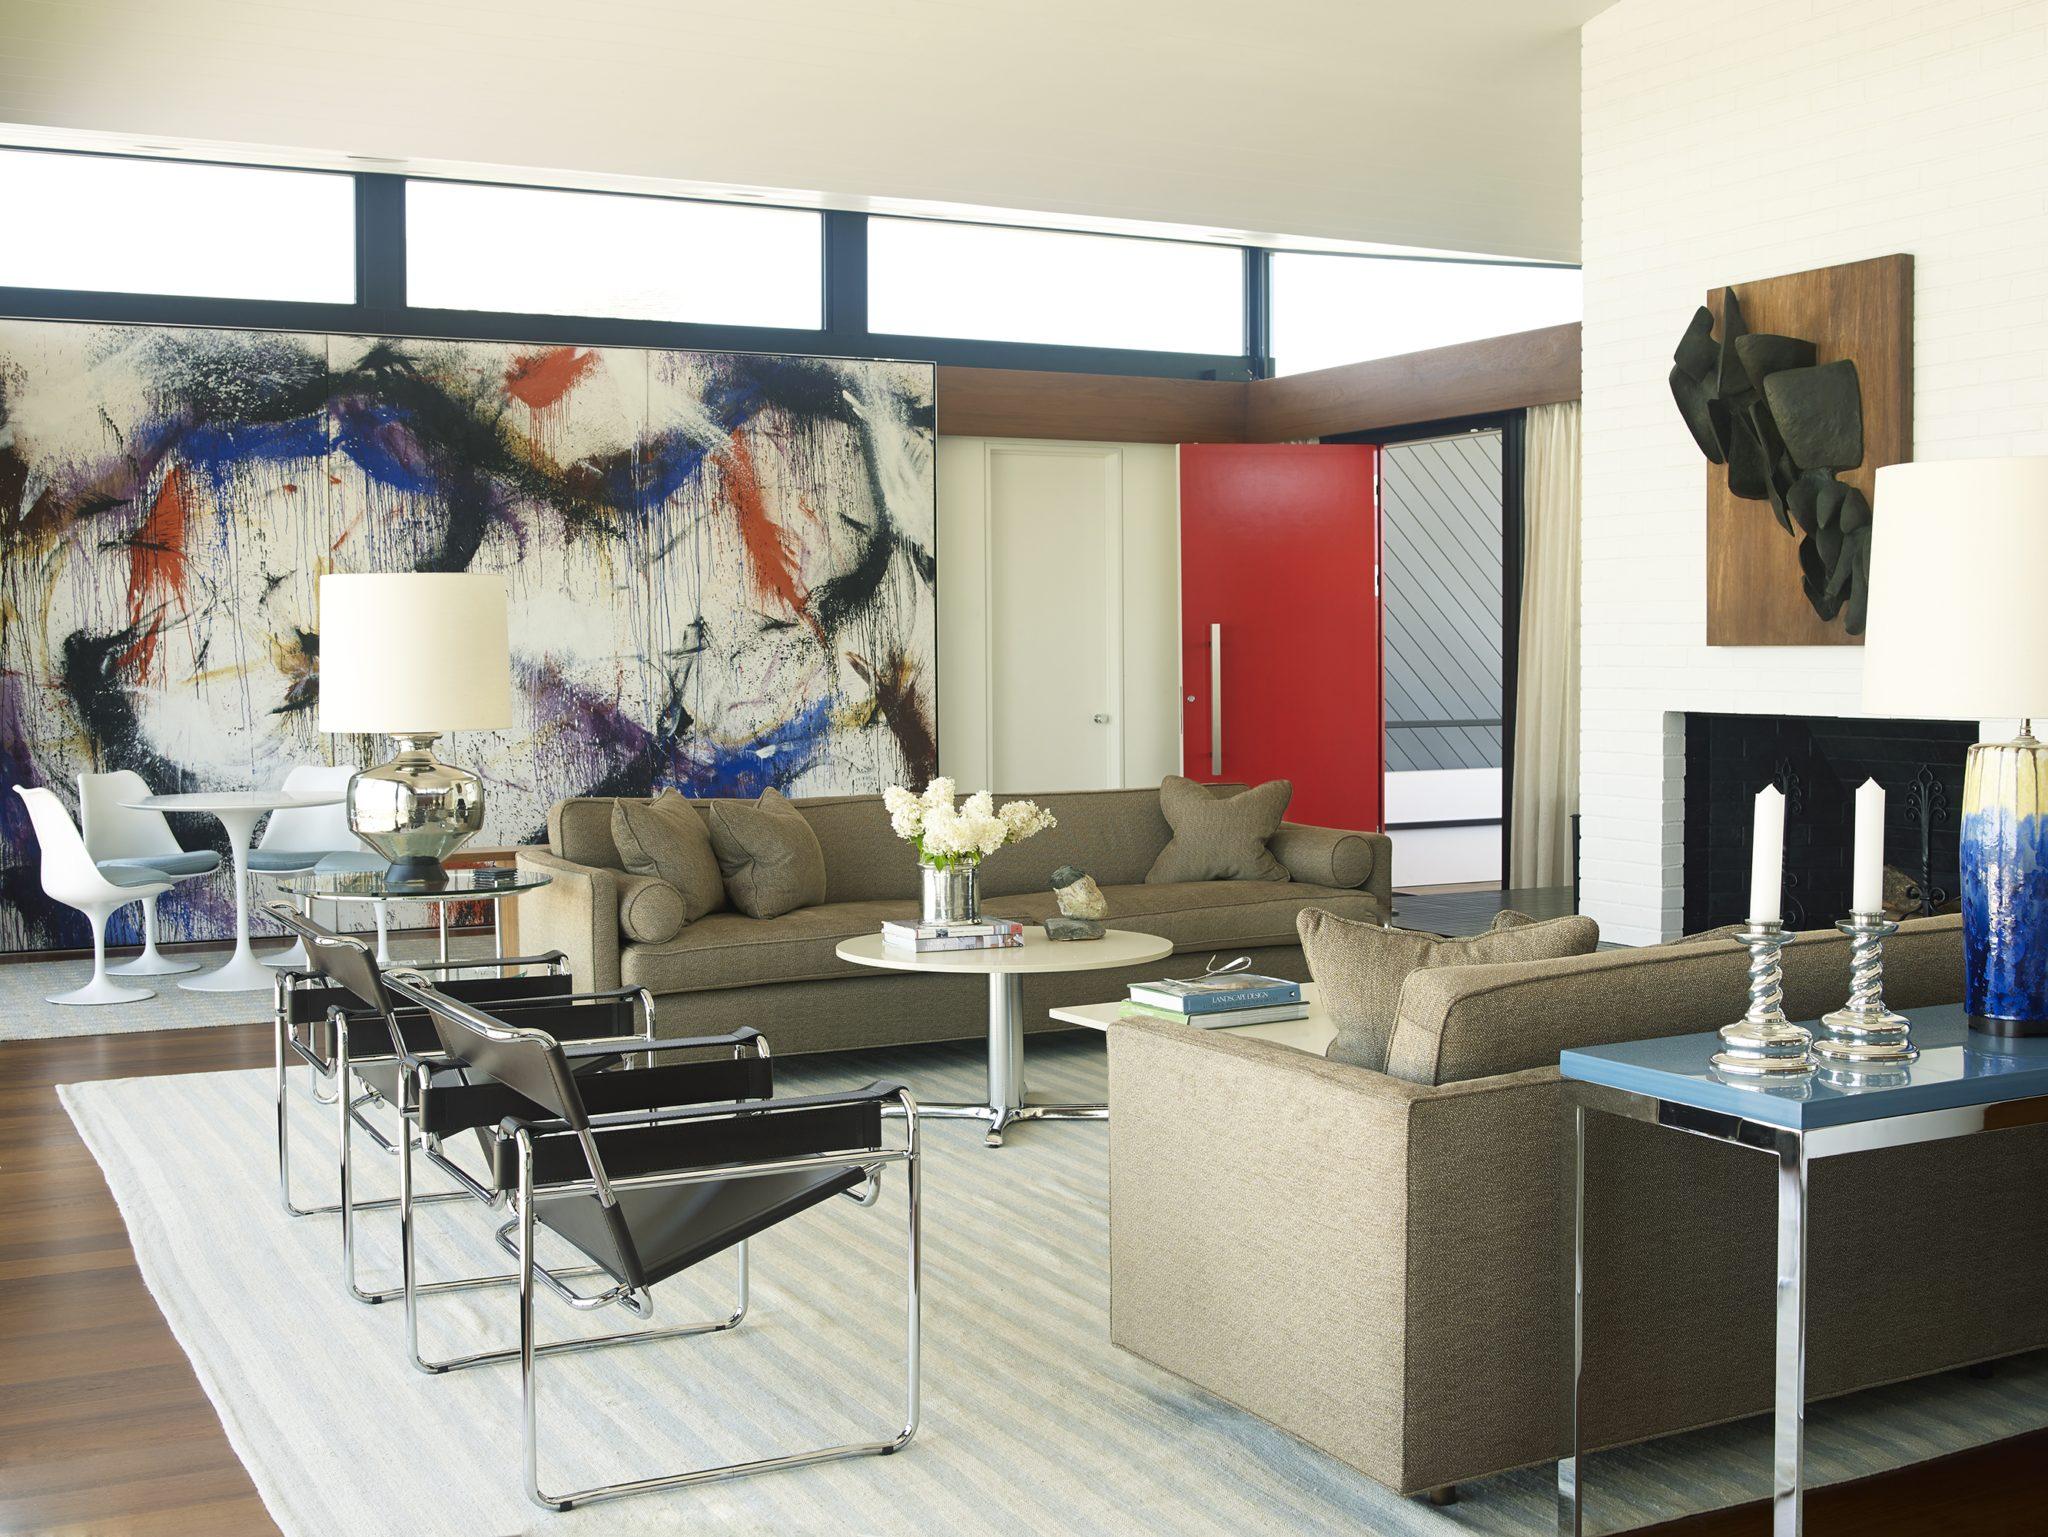 Cùng chiêm ngưỡng vẻ đẹp khó cưỡng của những căn phòng khách mang phong cách đương đại - Ảnh 13.